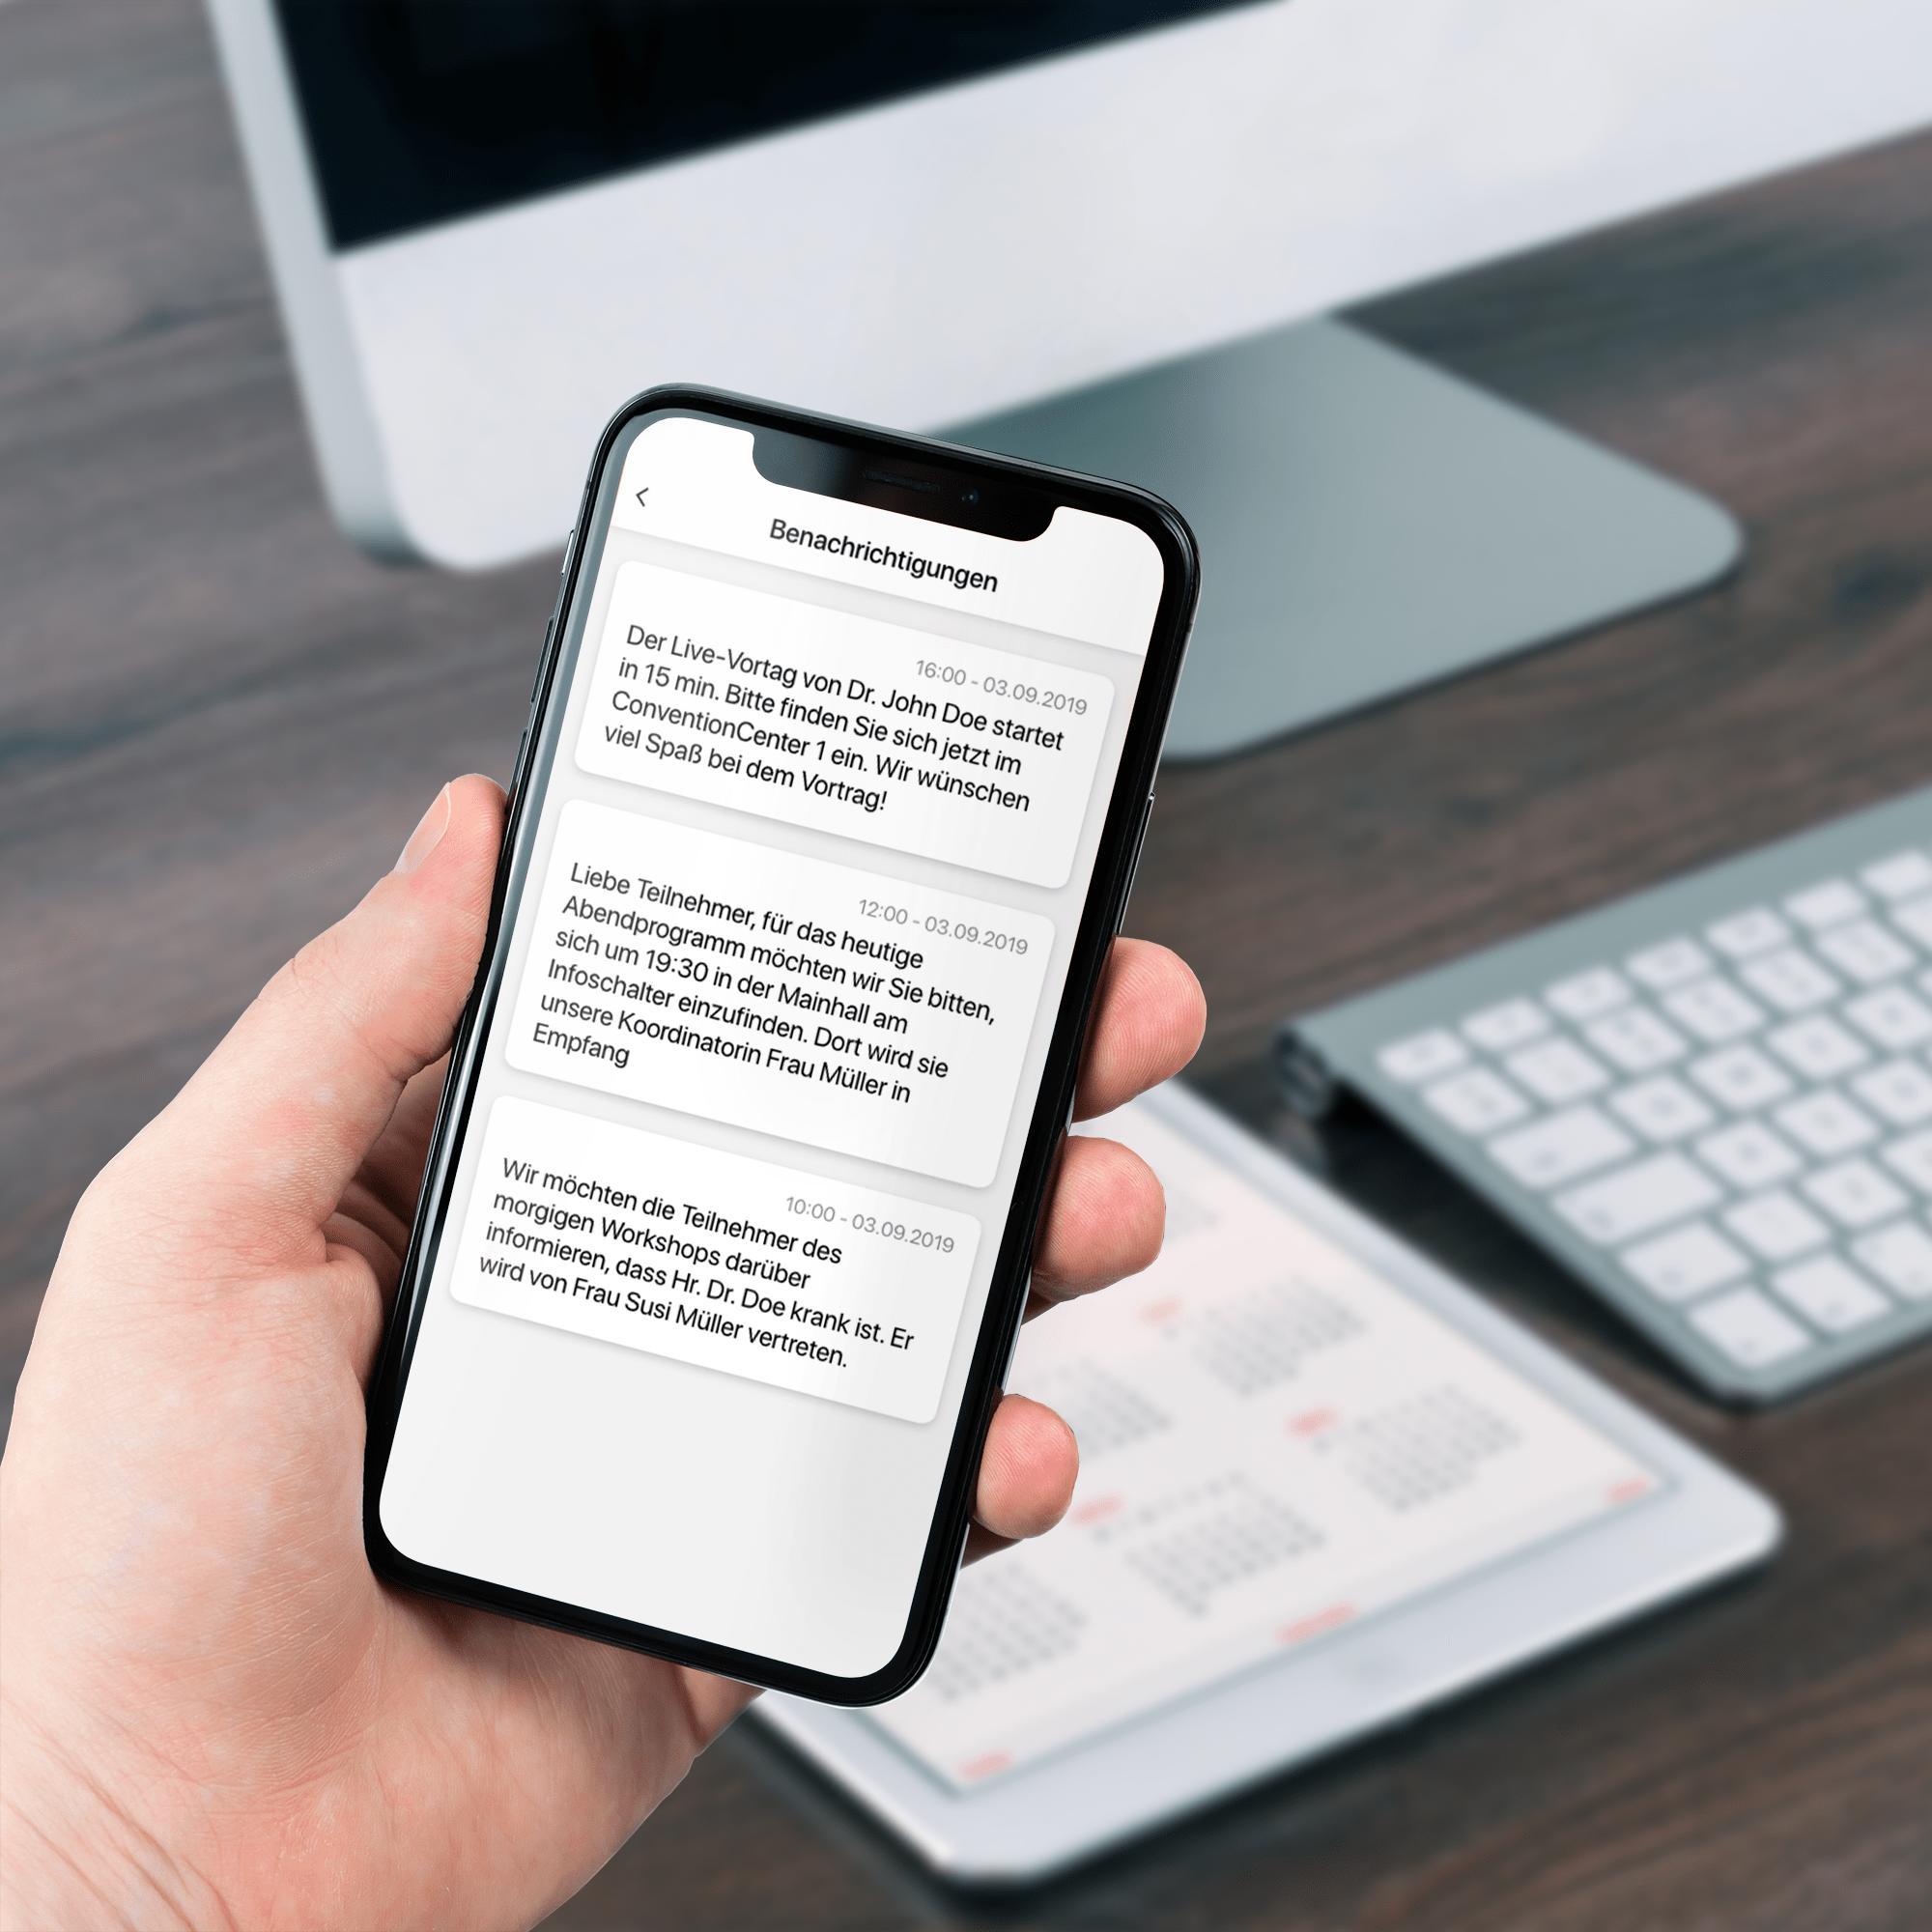 Push-Benachrichtigungen Ausgewählte App-User können über das Feature der Push-Benachrichtigungen zeitnah mit Neuigkeiten versorgt werden.